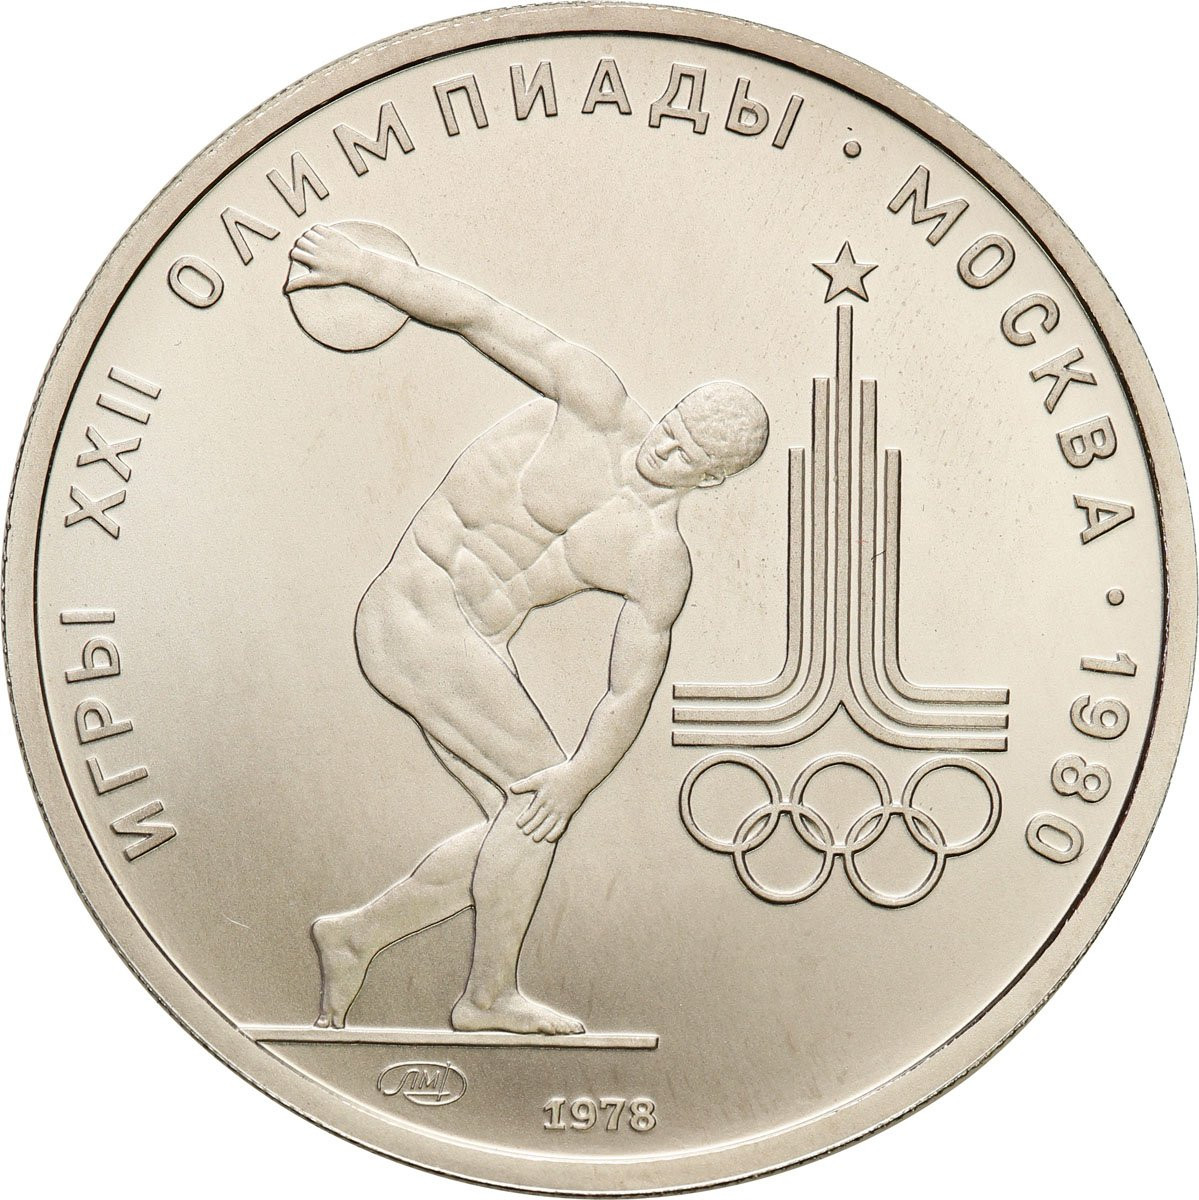 Rosja 150 Rubli 1978 Olimpiada Moskwa dyskobol - 1/2 uncji PLATYNA